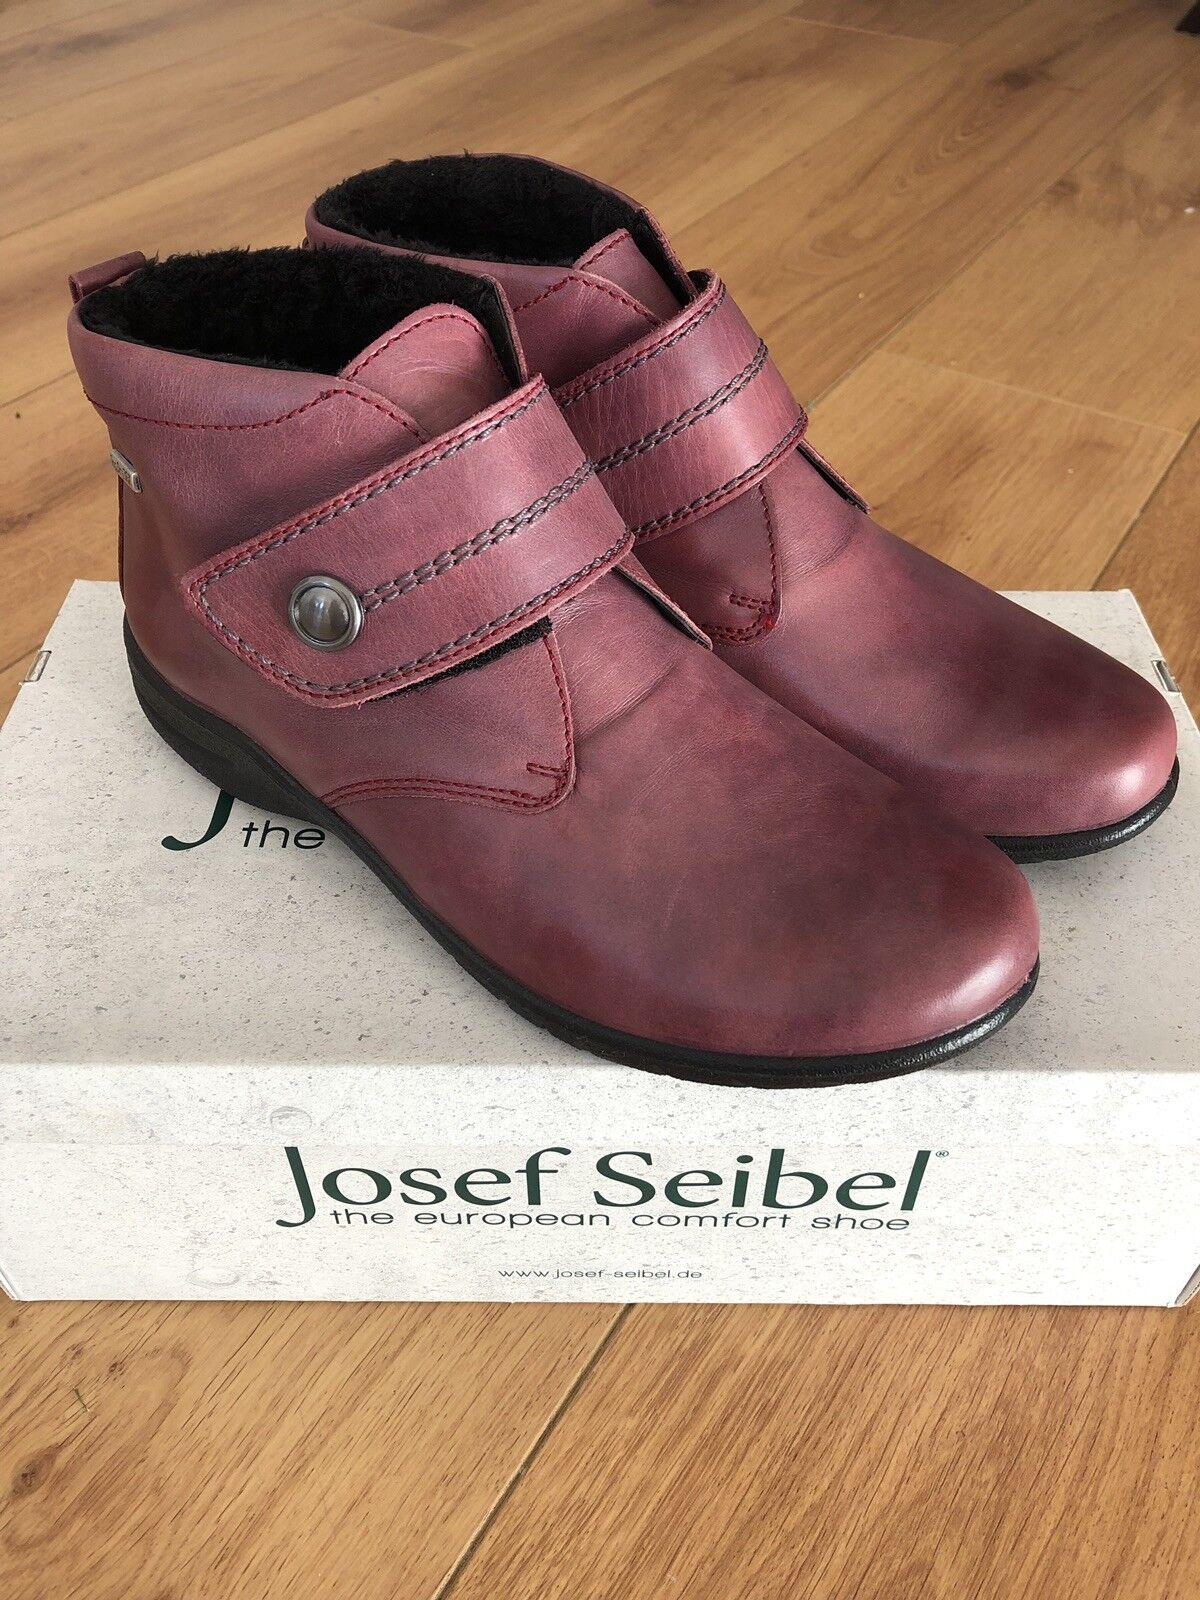 Nuovo di Zecca Josef Seibel Donna Pelliccia /41 Sintetica Stivaletti Velcro-Pelle Rossa /41 Pelliccia dfec30